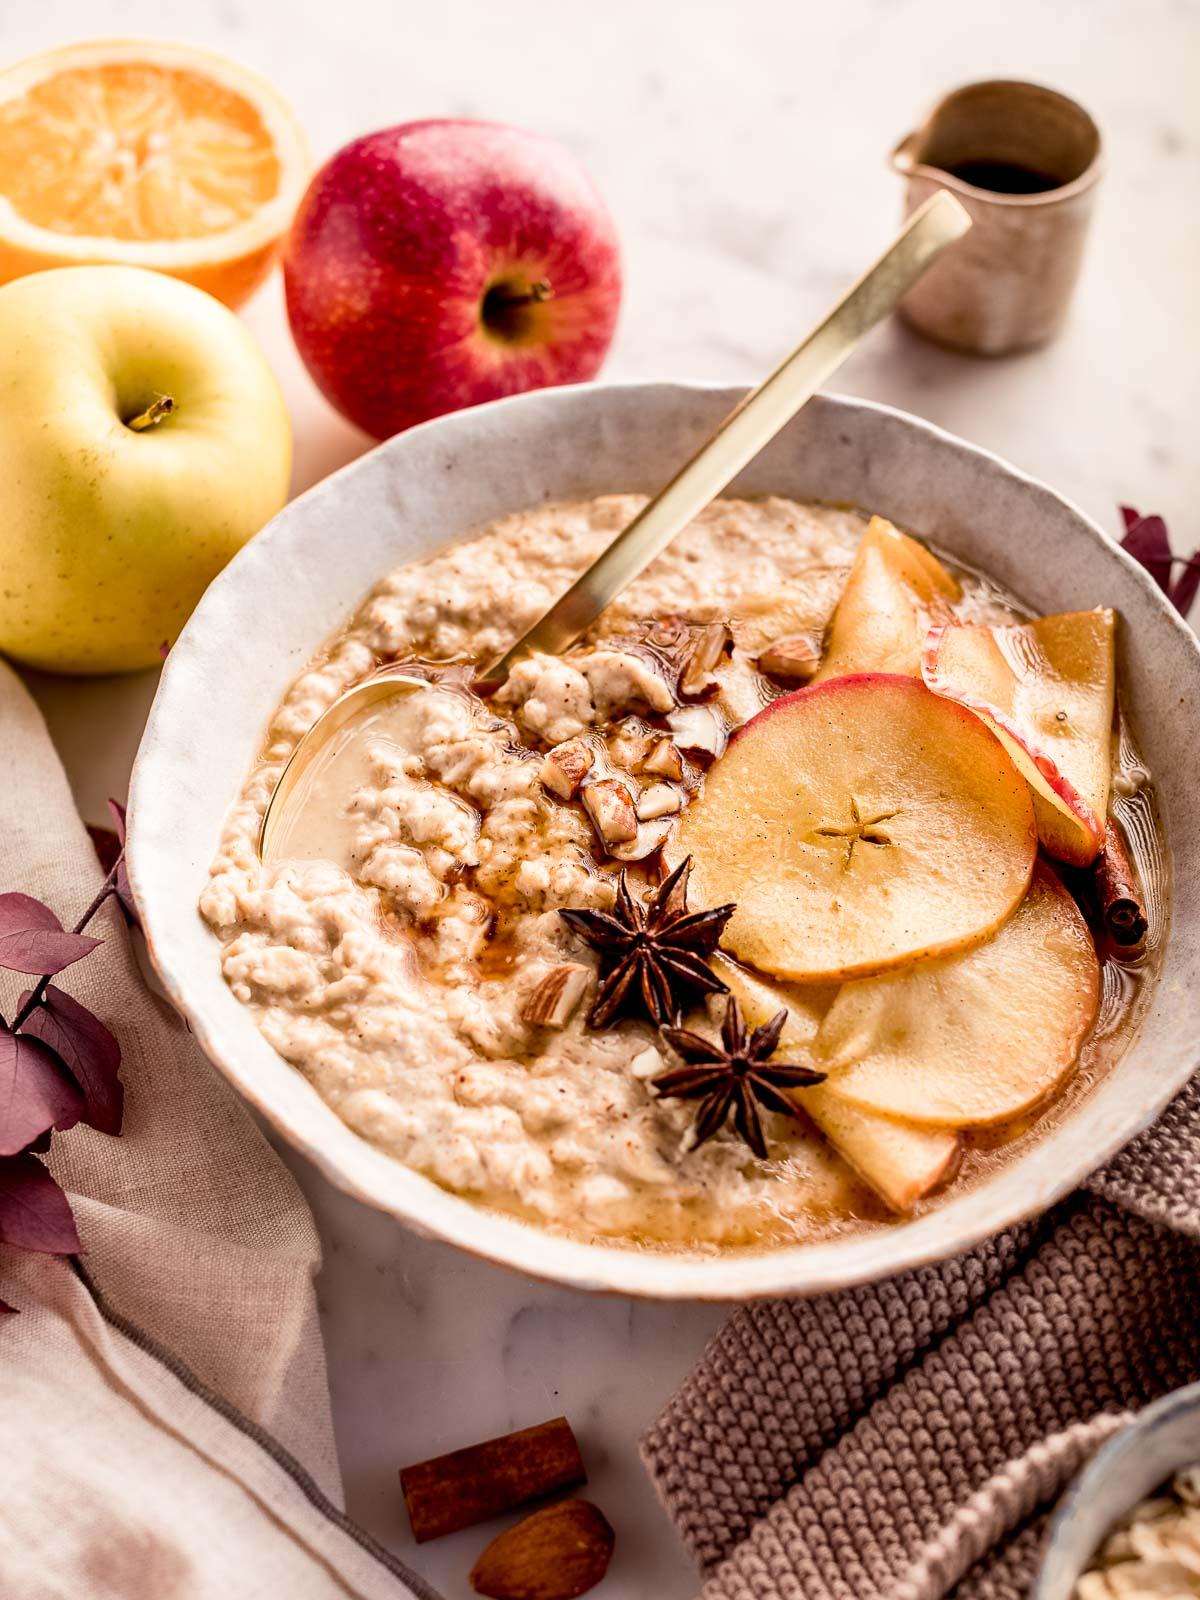 light delicious creamy apple pie oatmeal recipe gluten-free ricetta porridge alle mele e cannella cremoso porridge torta di mele sano vegan senza glutine